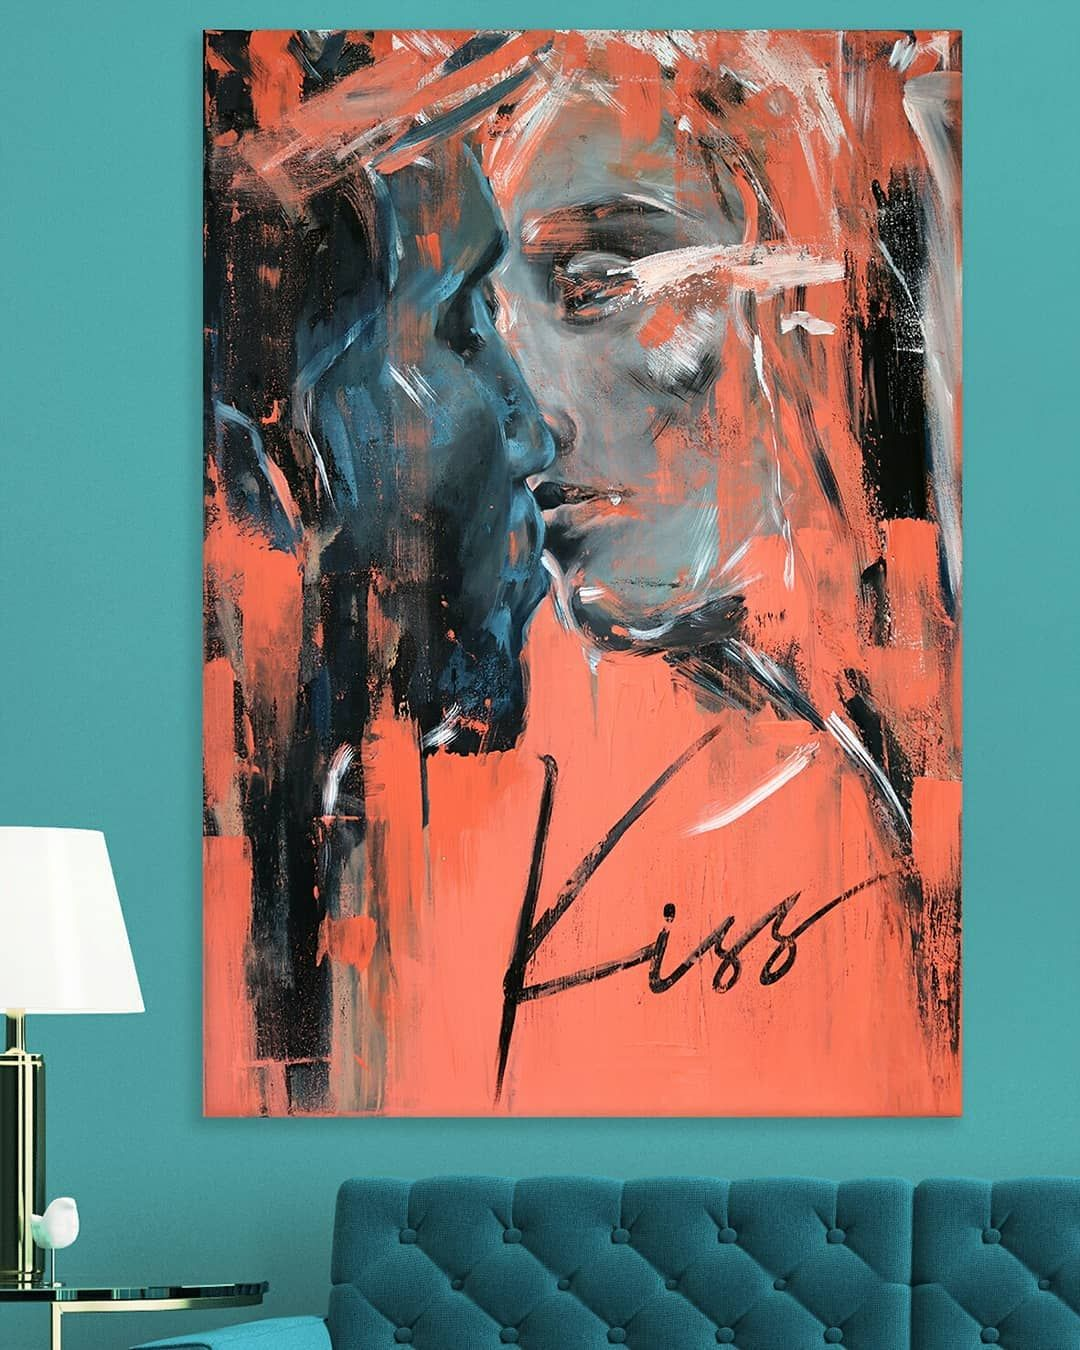 Kiss Nun Auch Das Kunstwerk In Einer Wohnlichen Und Stylischen Atmosphäre Coburg Acryl On Canvas Benpetstudio